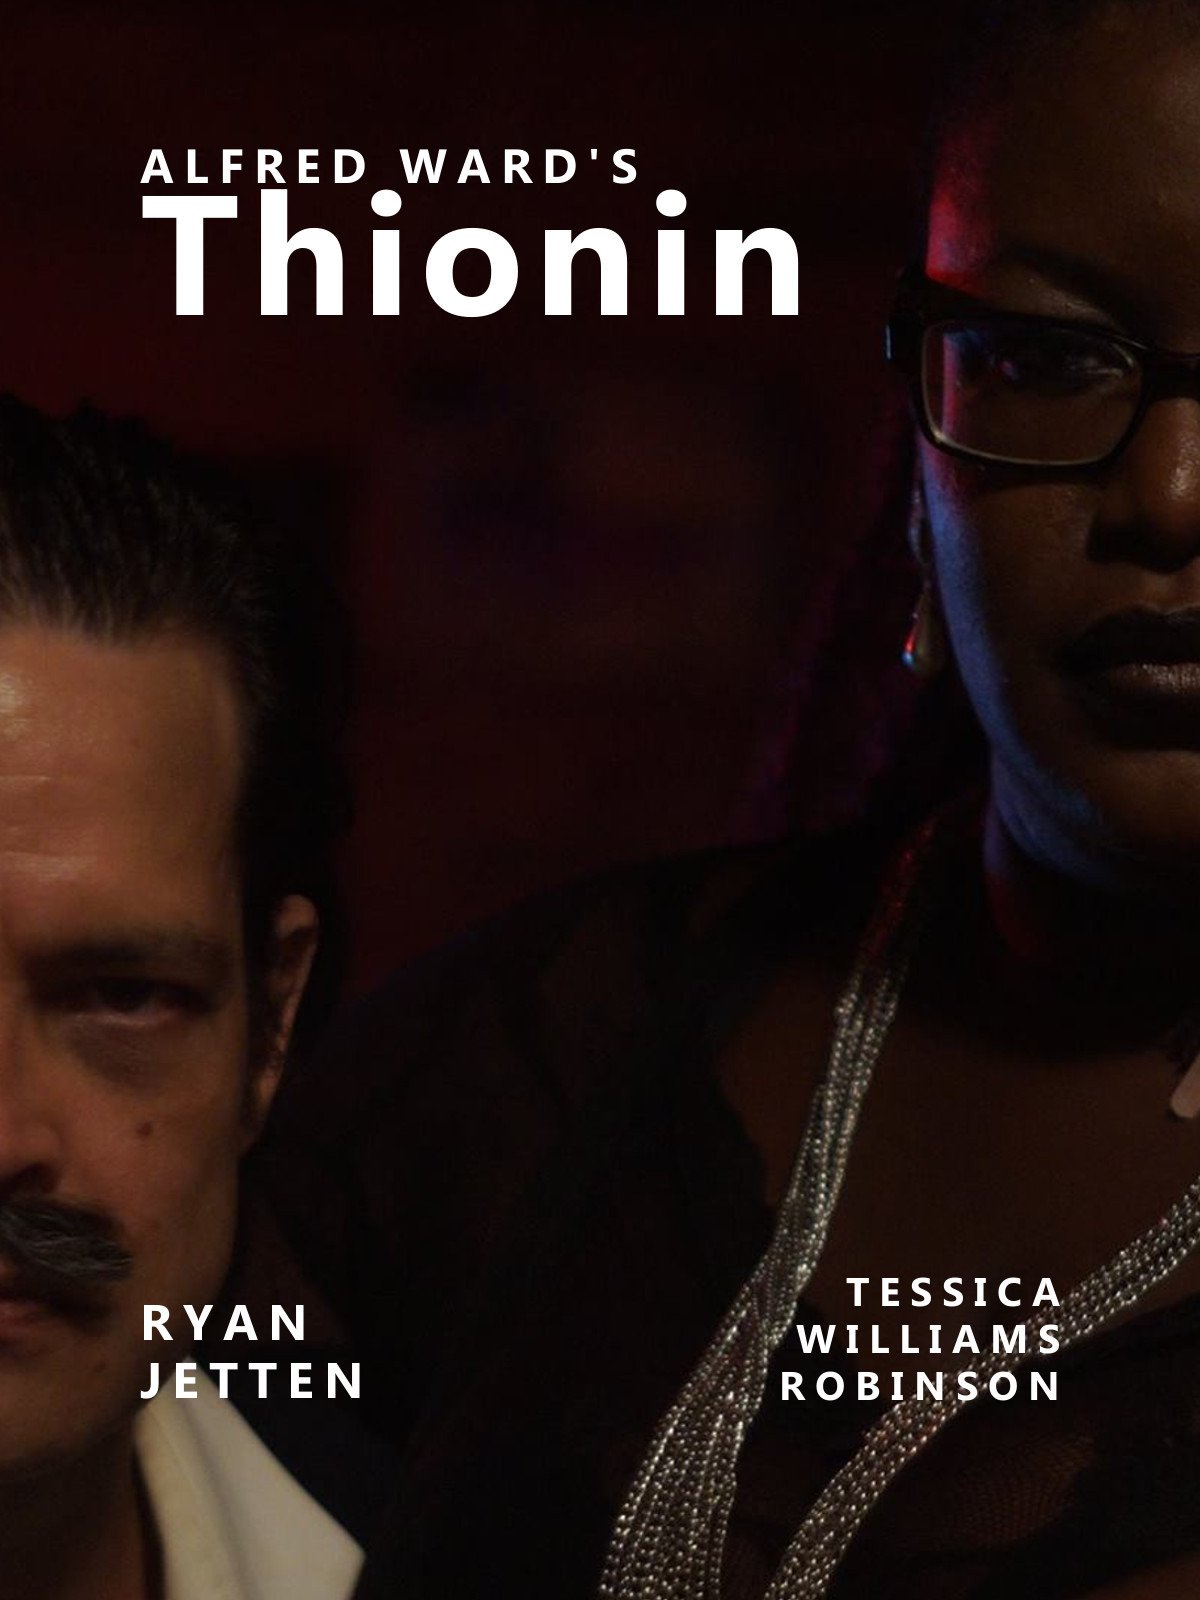 Thionin by Alfred Ward